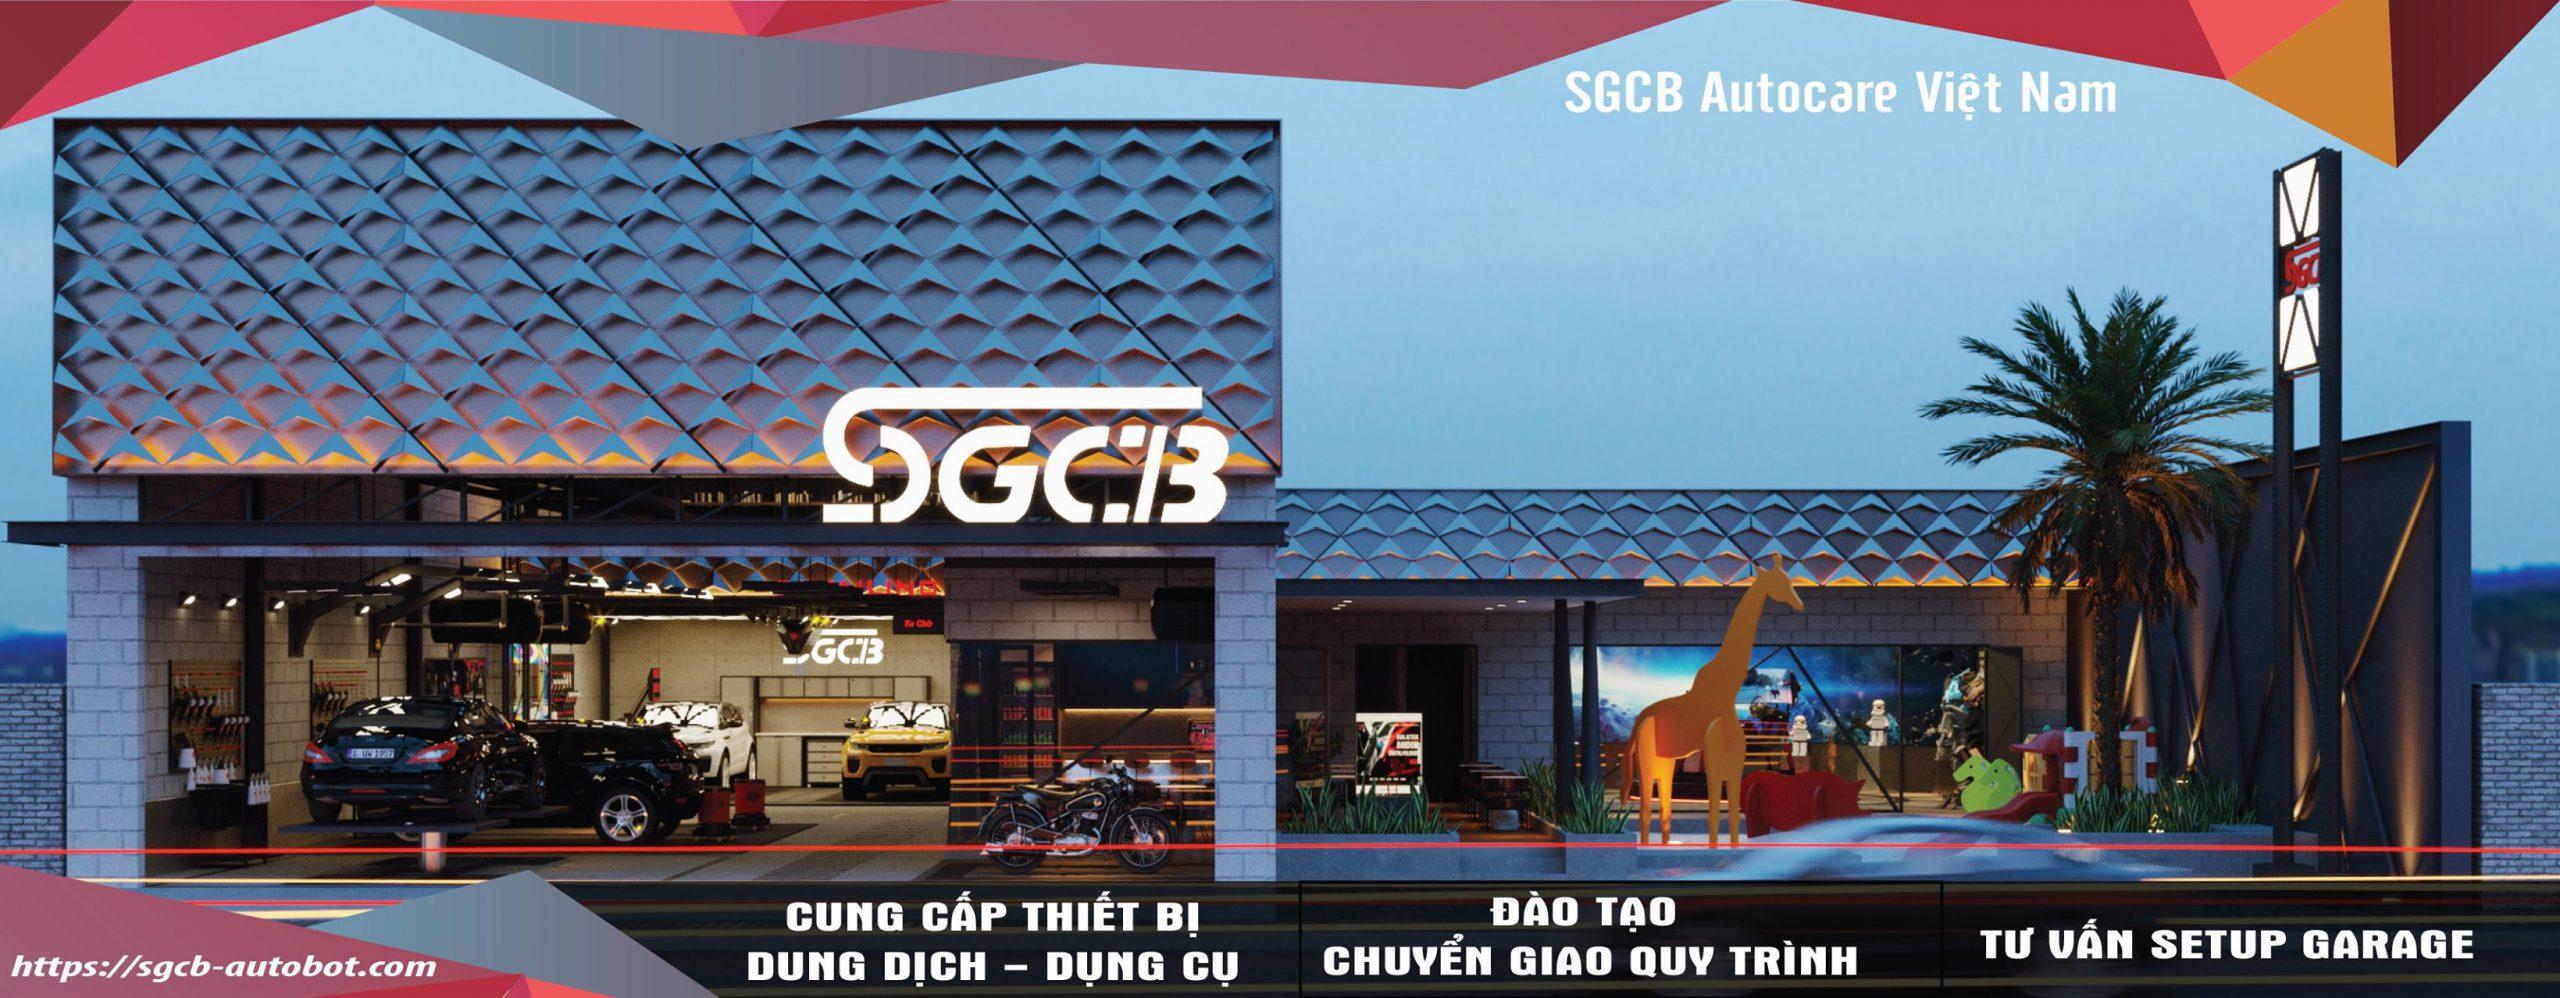 sgcb trung tâm chăm sóc xe chuyên nghiệp tại việt nam